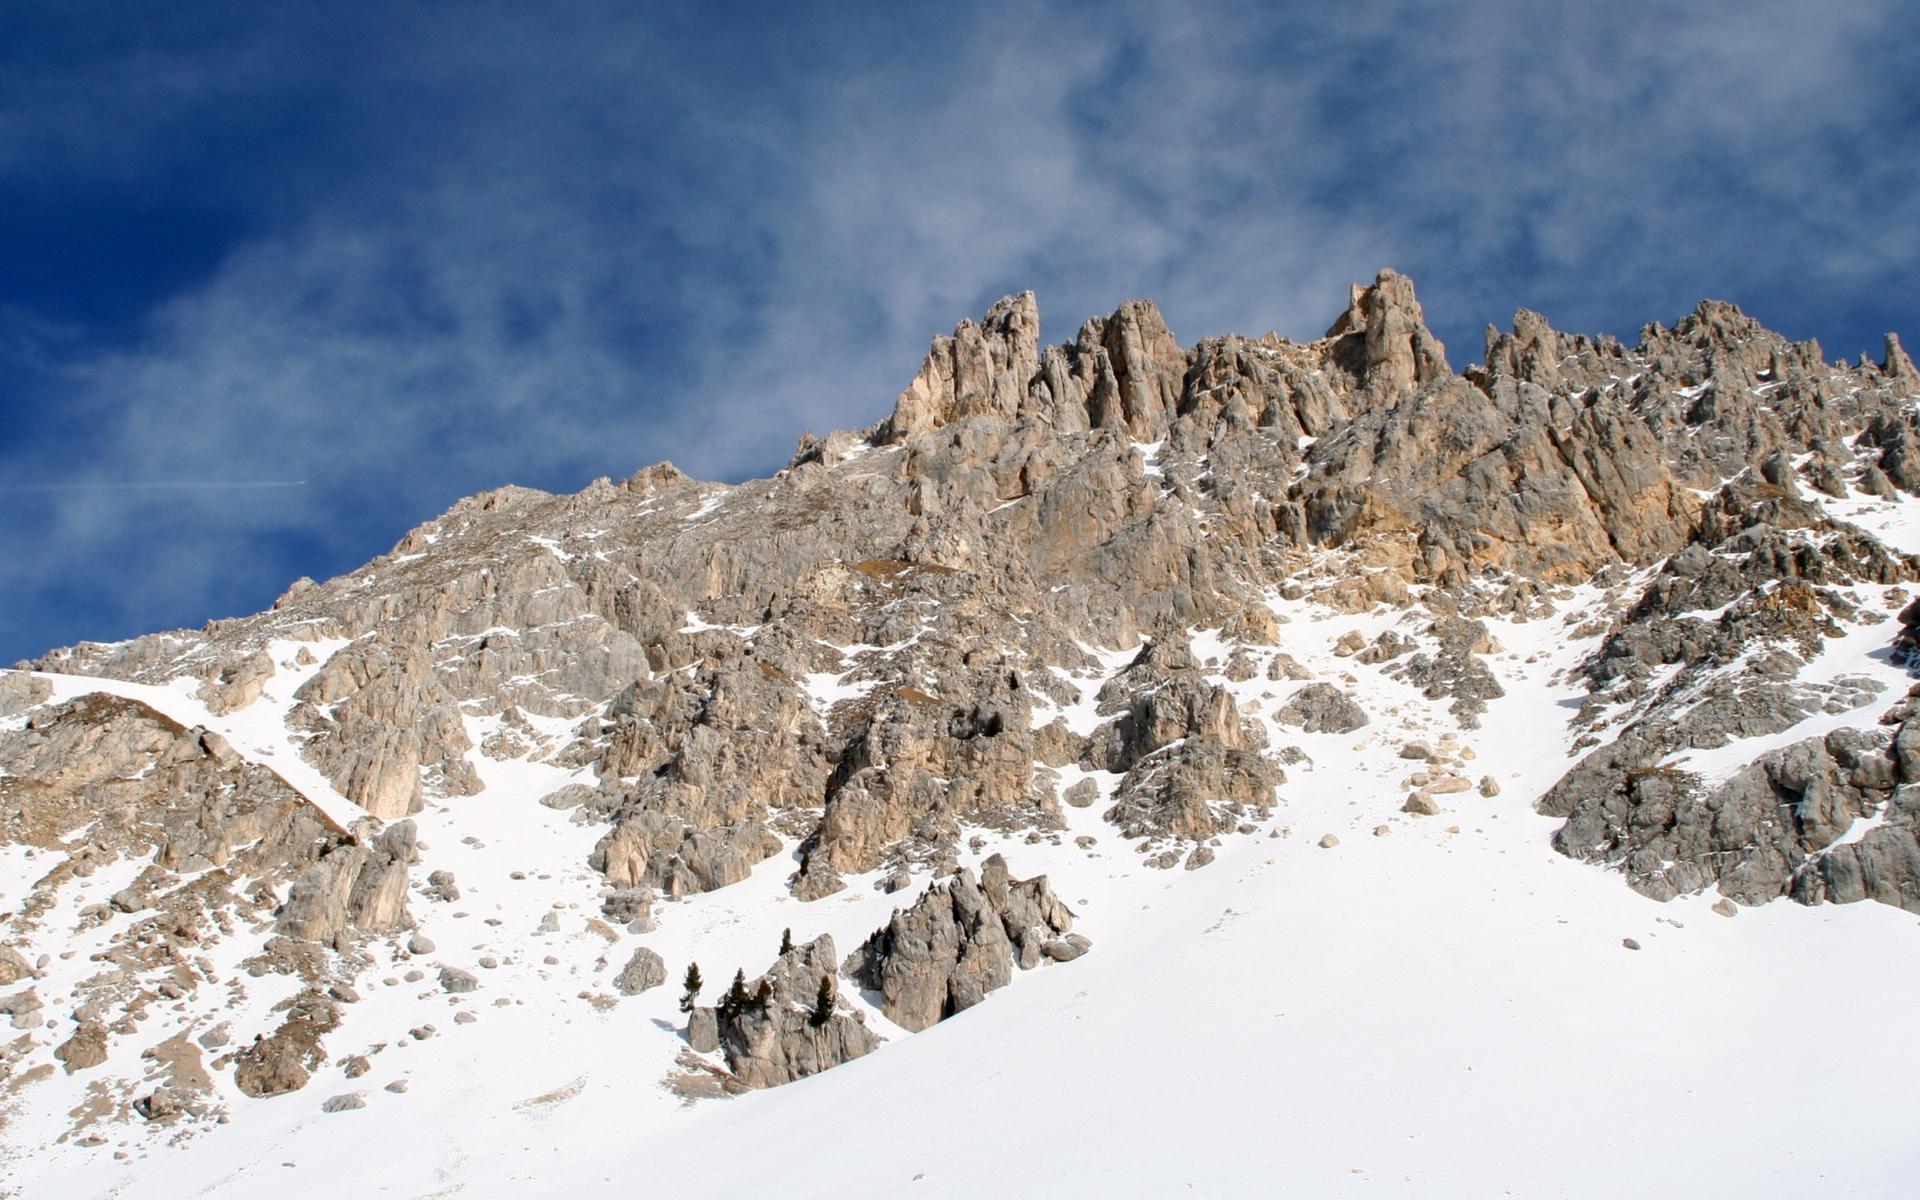 горы камни снег зима  № 2512941  скачать